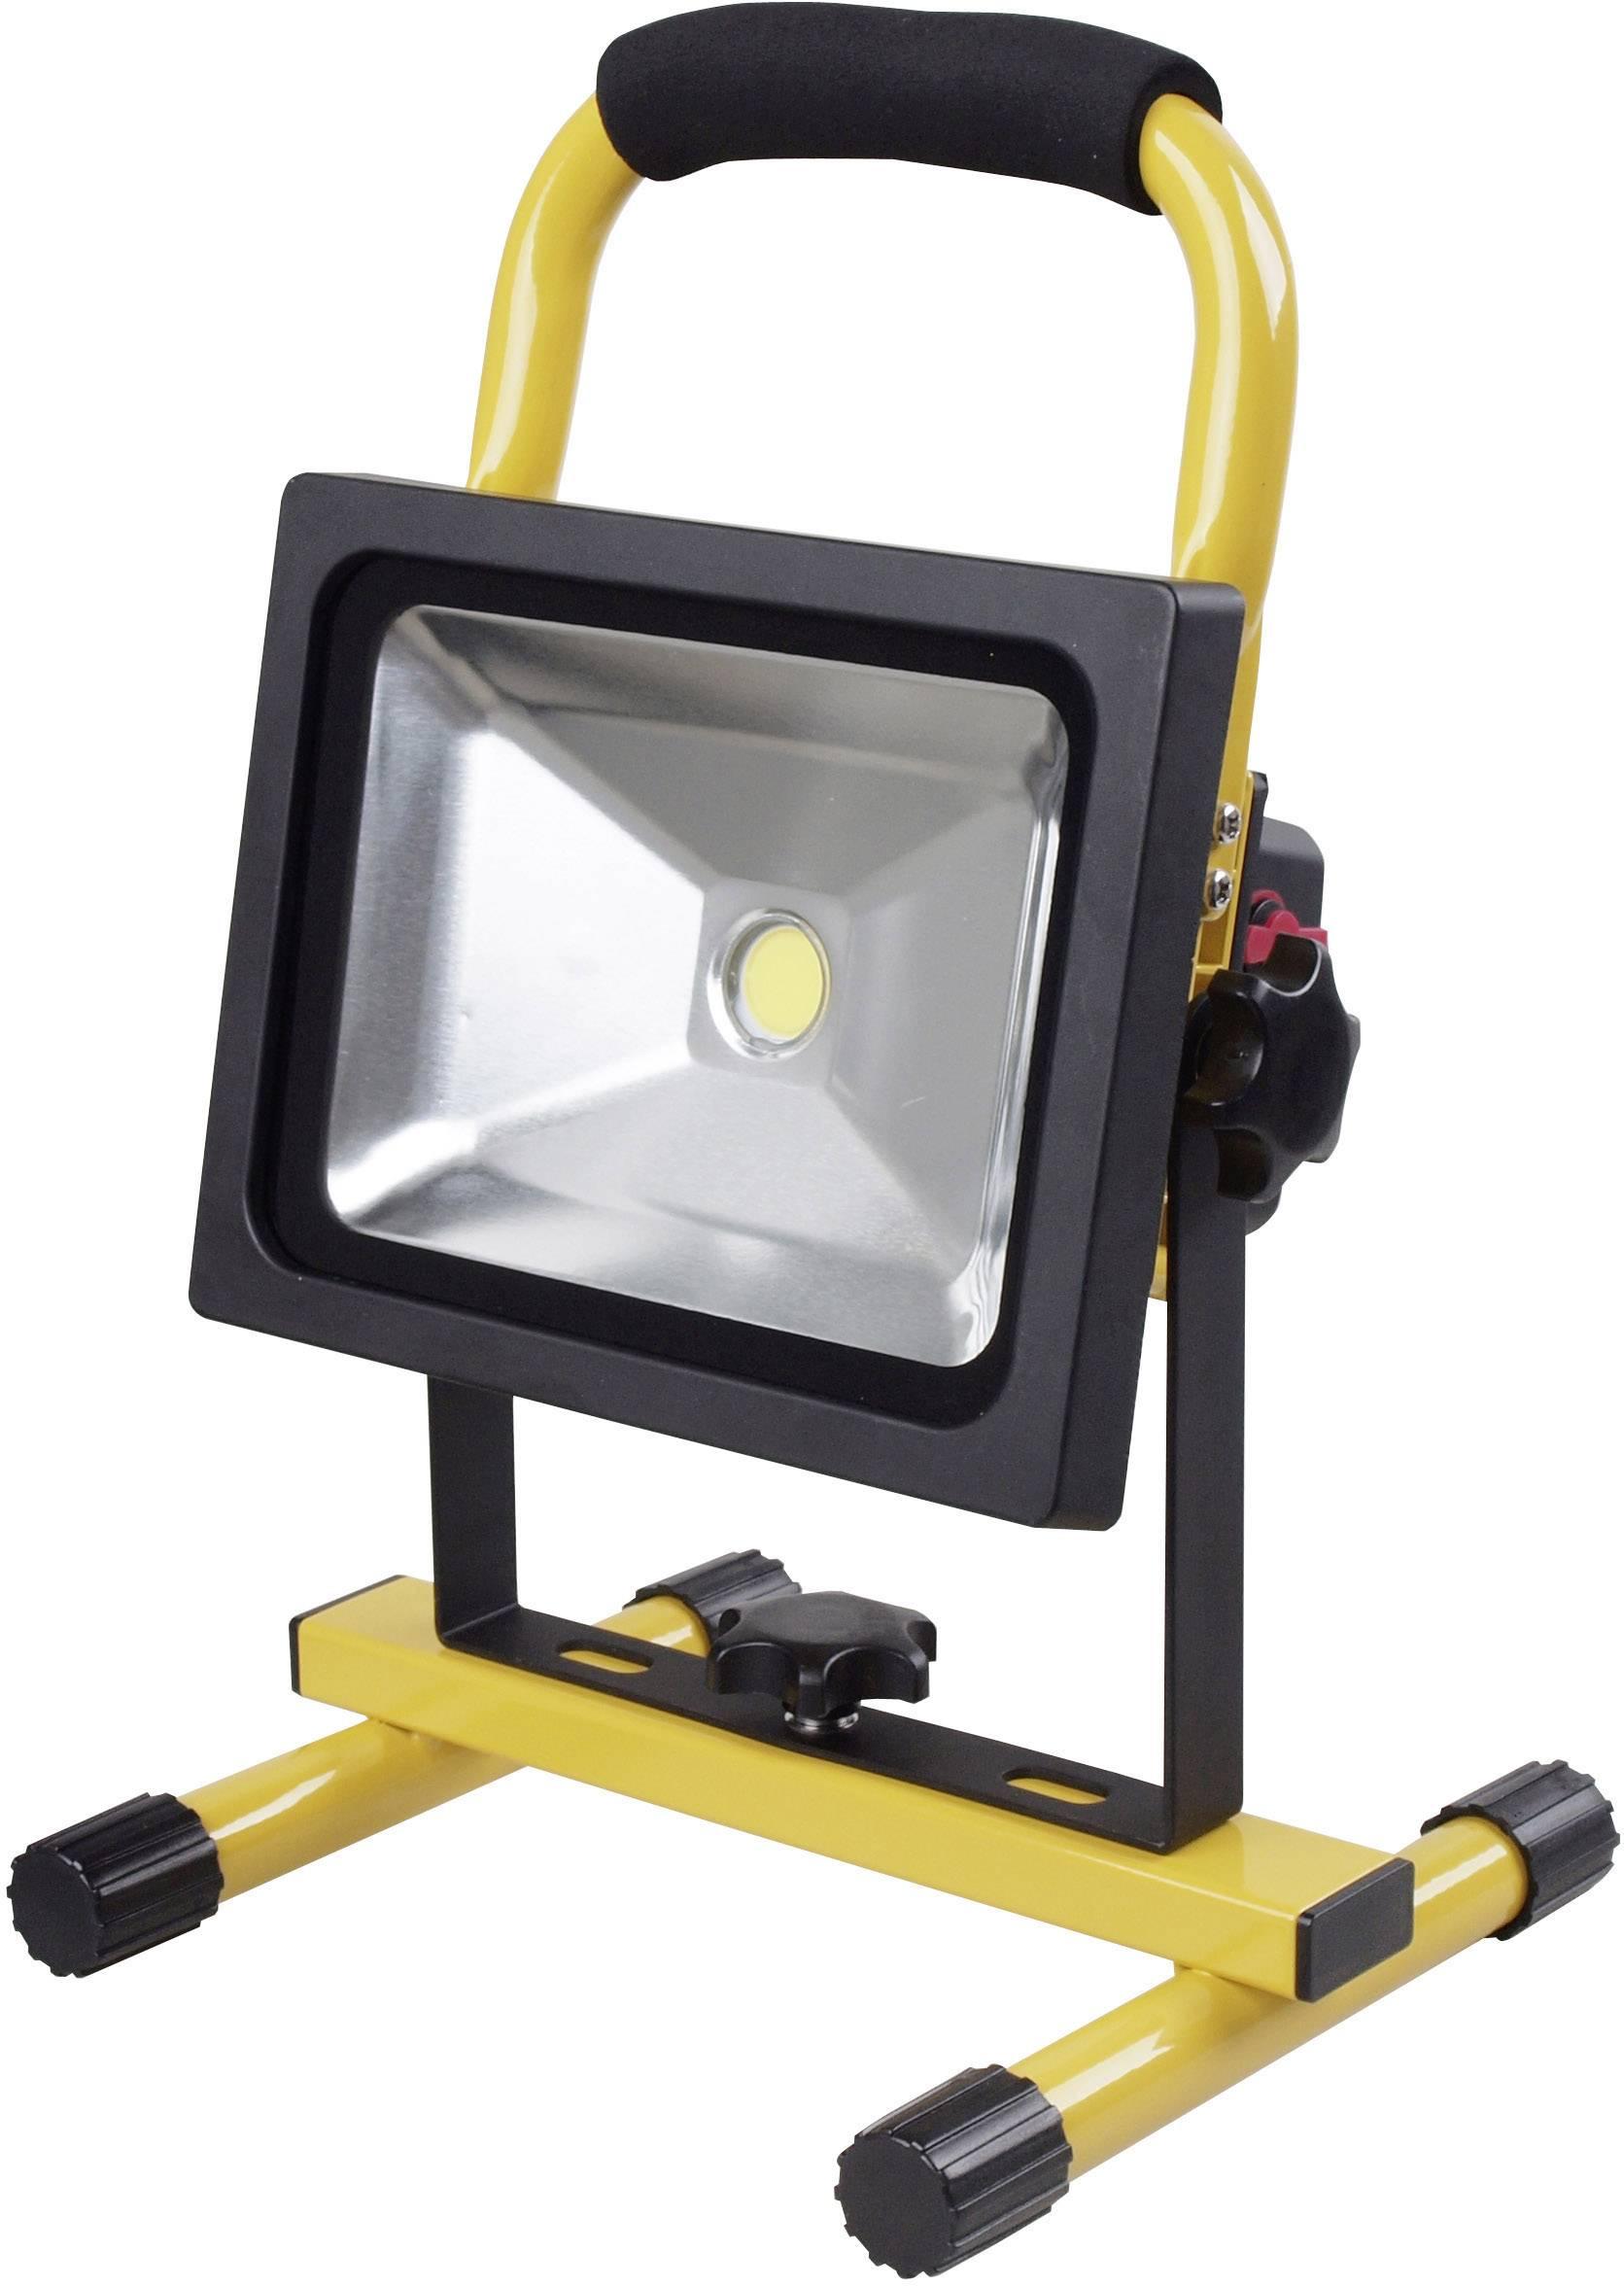 CPB LED pracovné osvetlenie napájanie z akumulátoru Shada 300155, 20 W, 1500 lm